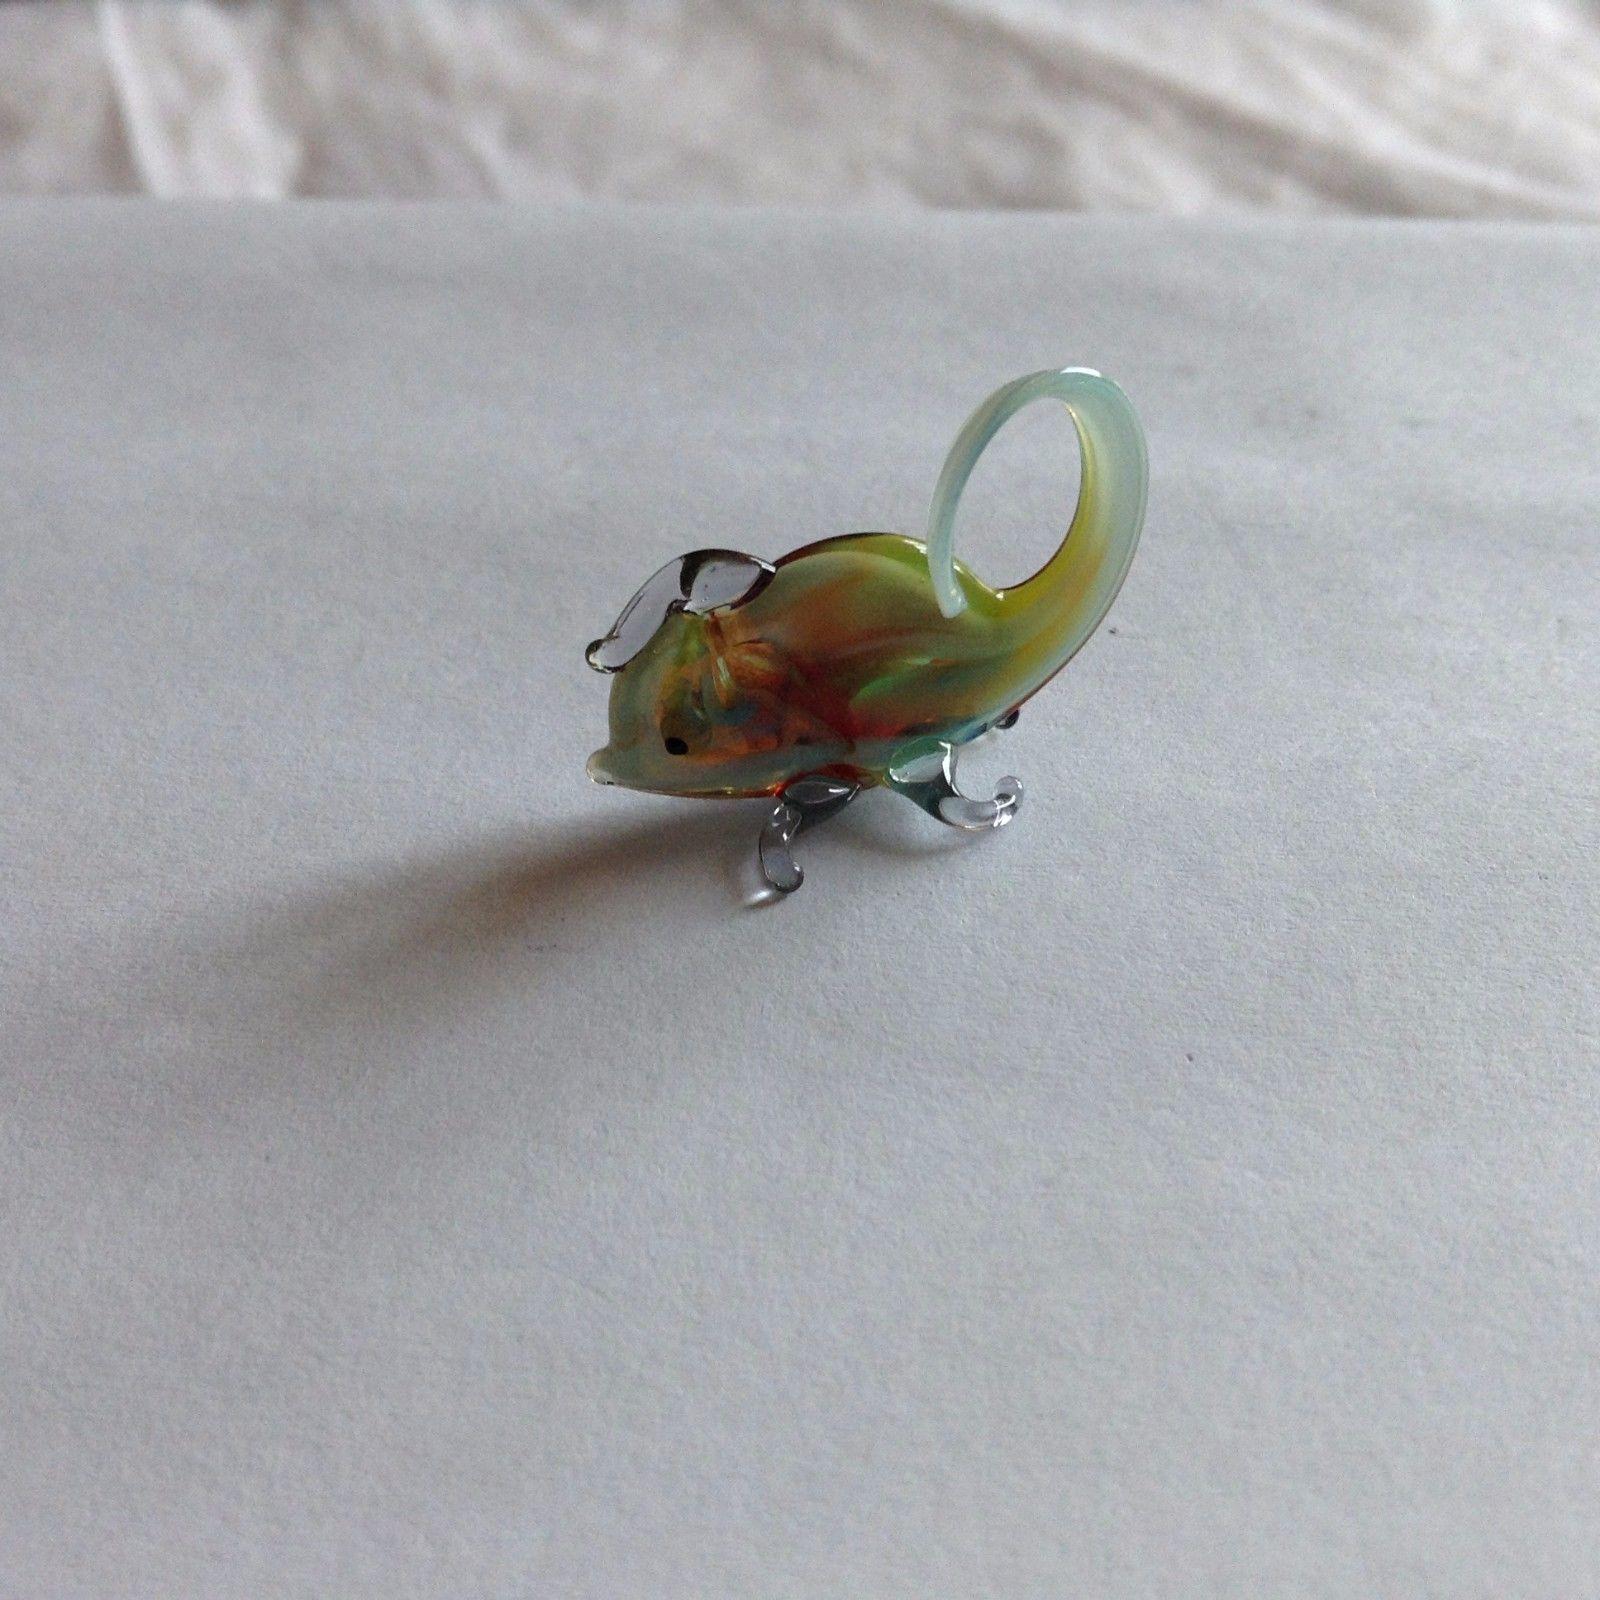 Micro miniature small hand blown glass figurine multi colored chameleon  USA